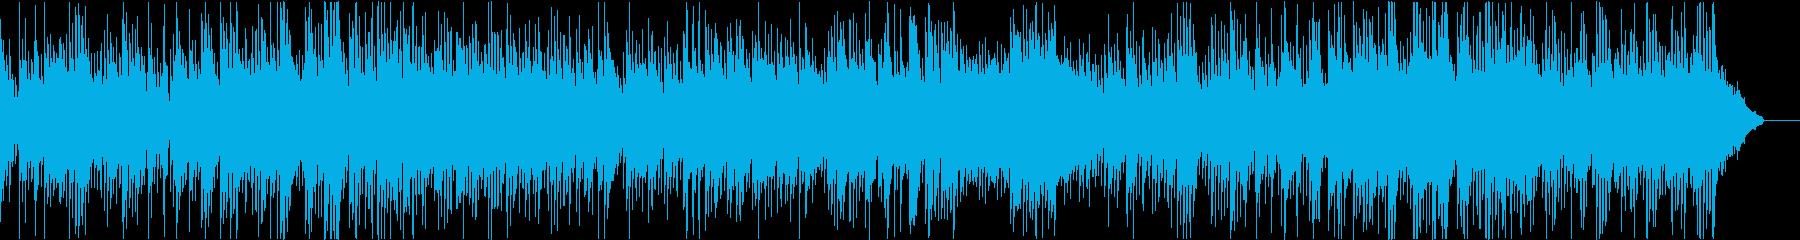 アコギメインの優しいバラードの再生済みの波形